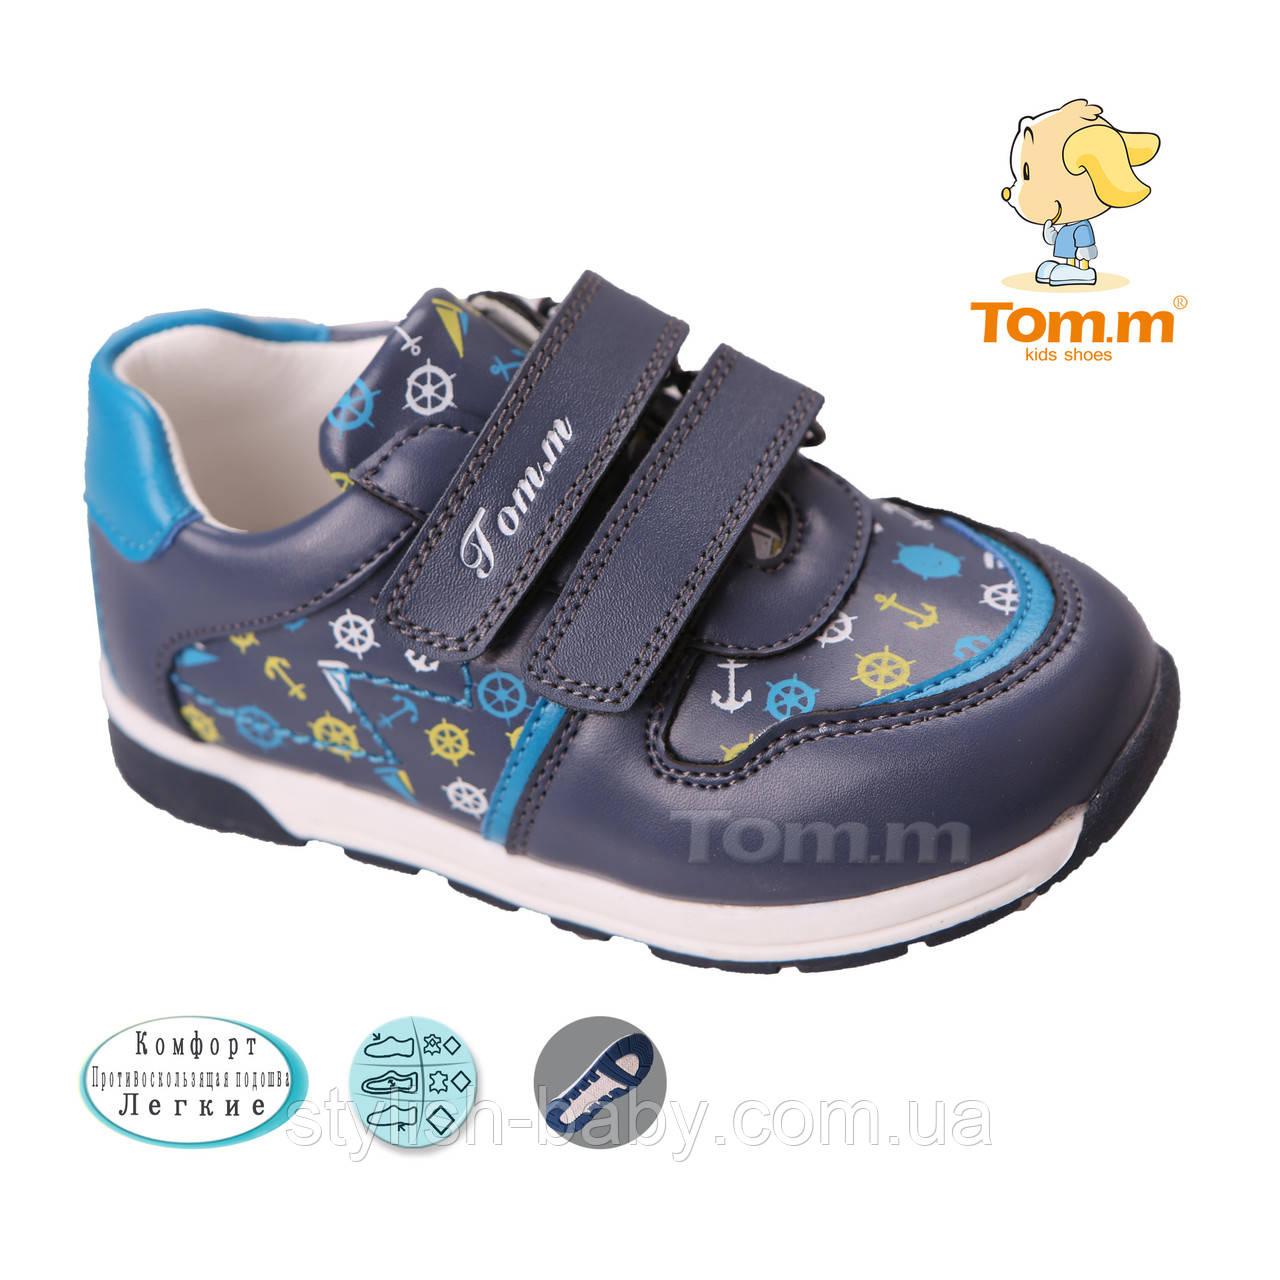 Детская обувь 2018. Детские туфли бренда Tom.m для мальчиков (рр. с 22 по 27)